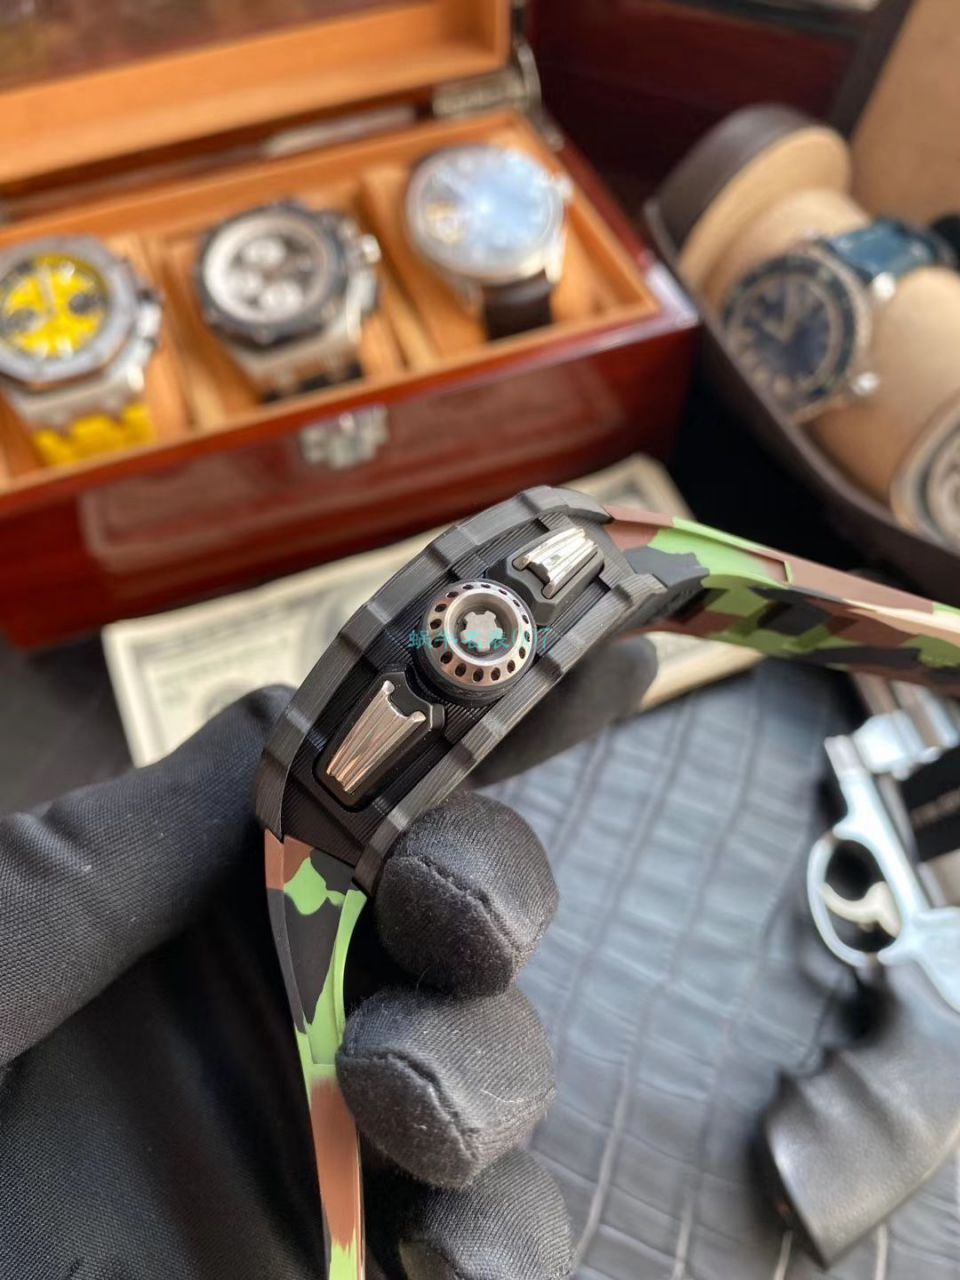 理查德米勒高仿手表【视频评测】超A高仿的最好的理查德米勒手表 / RM101